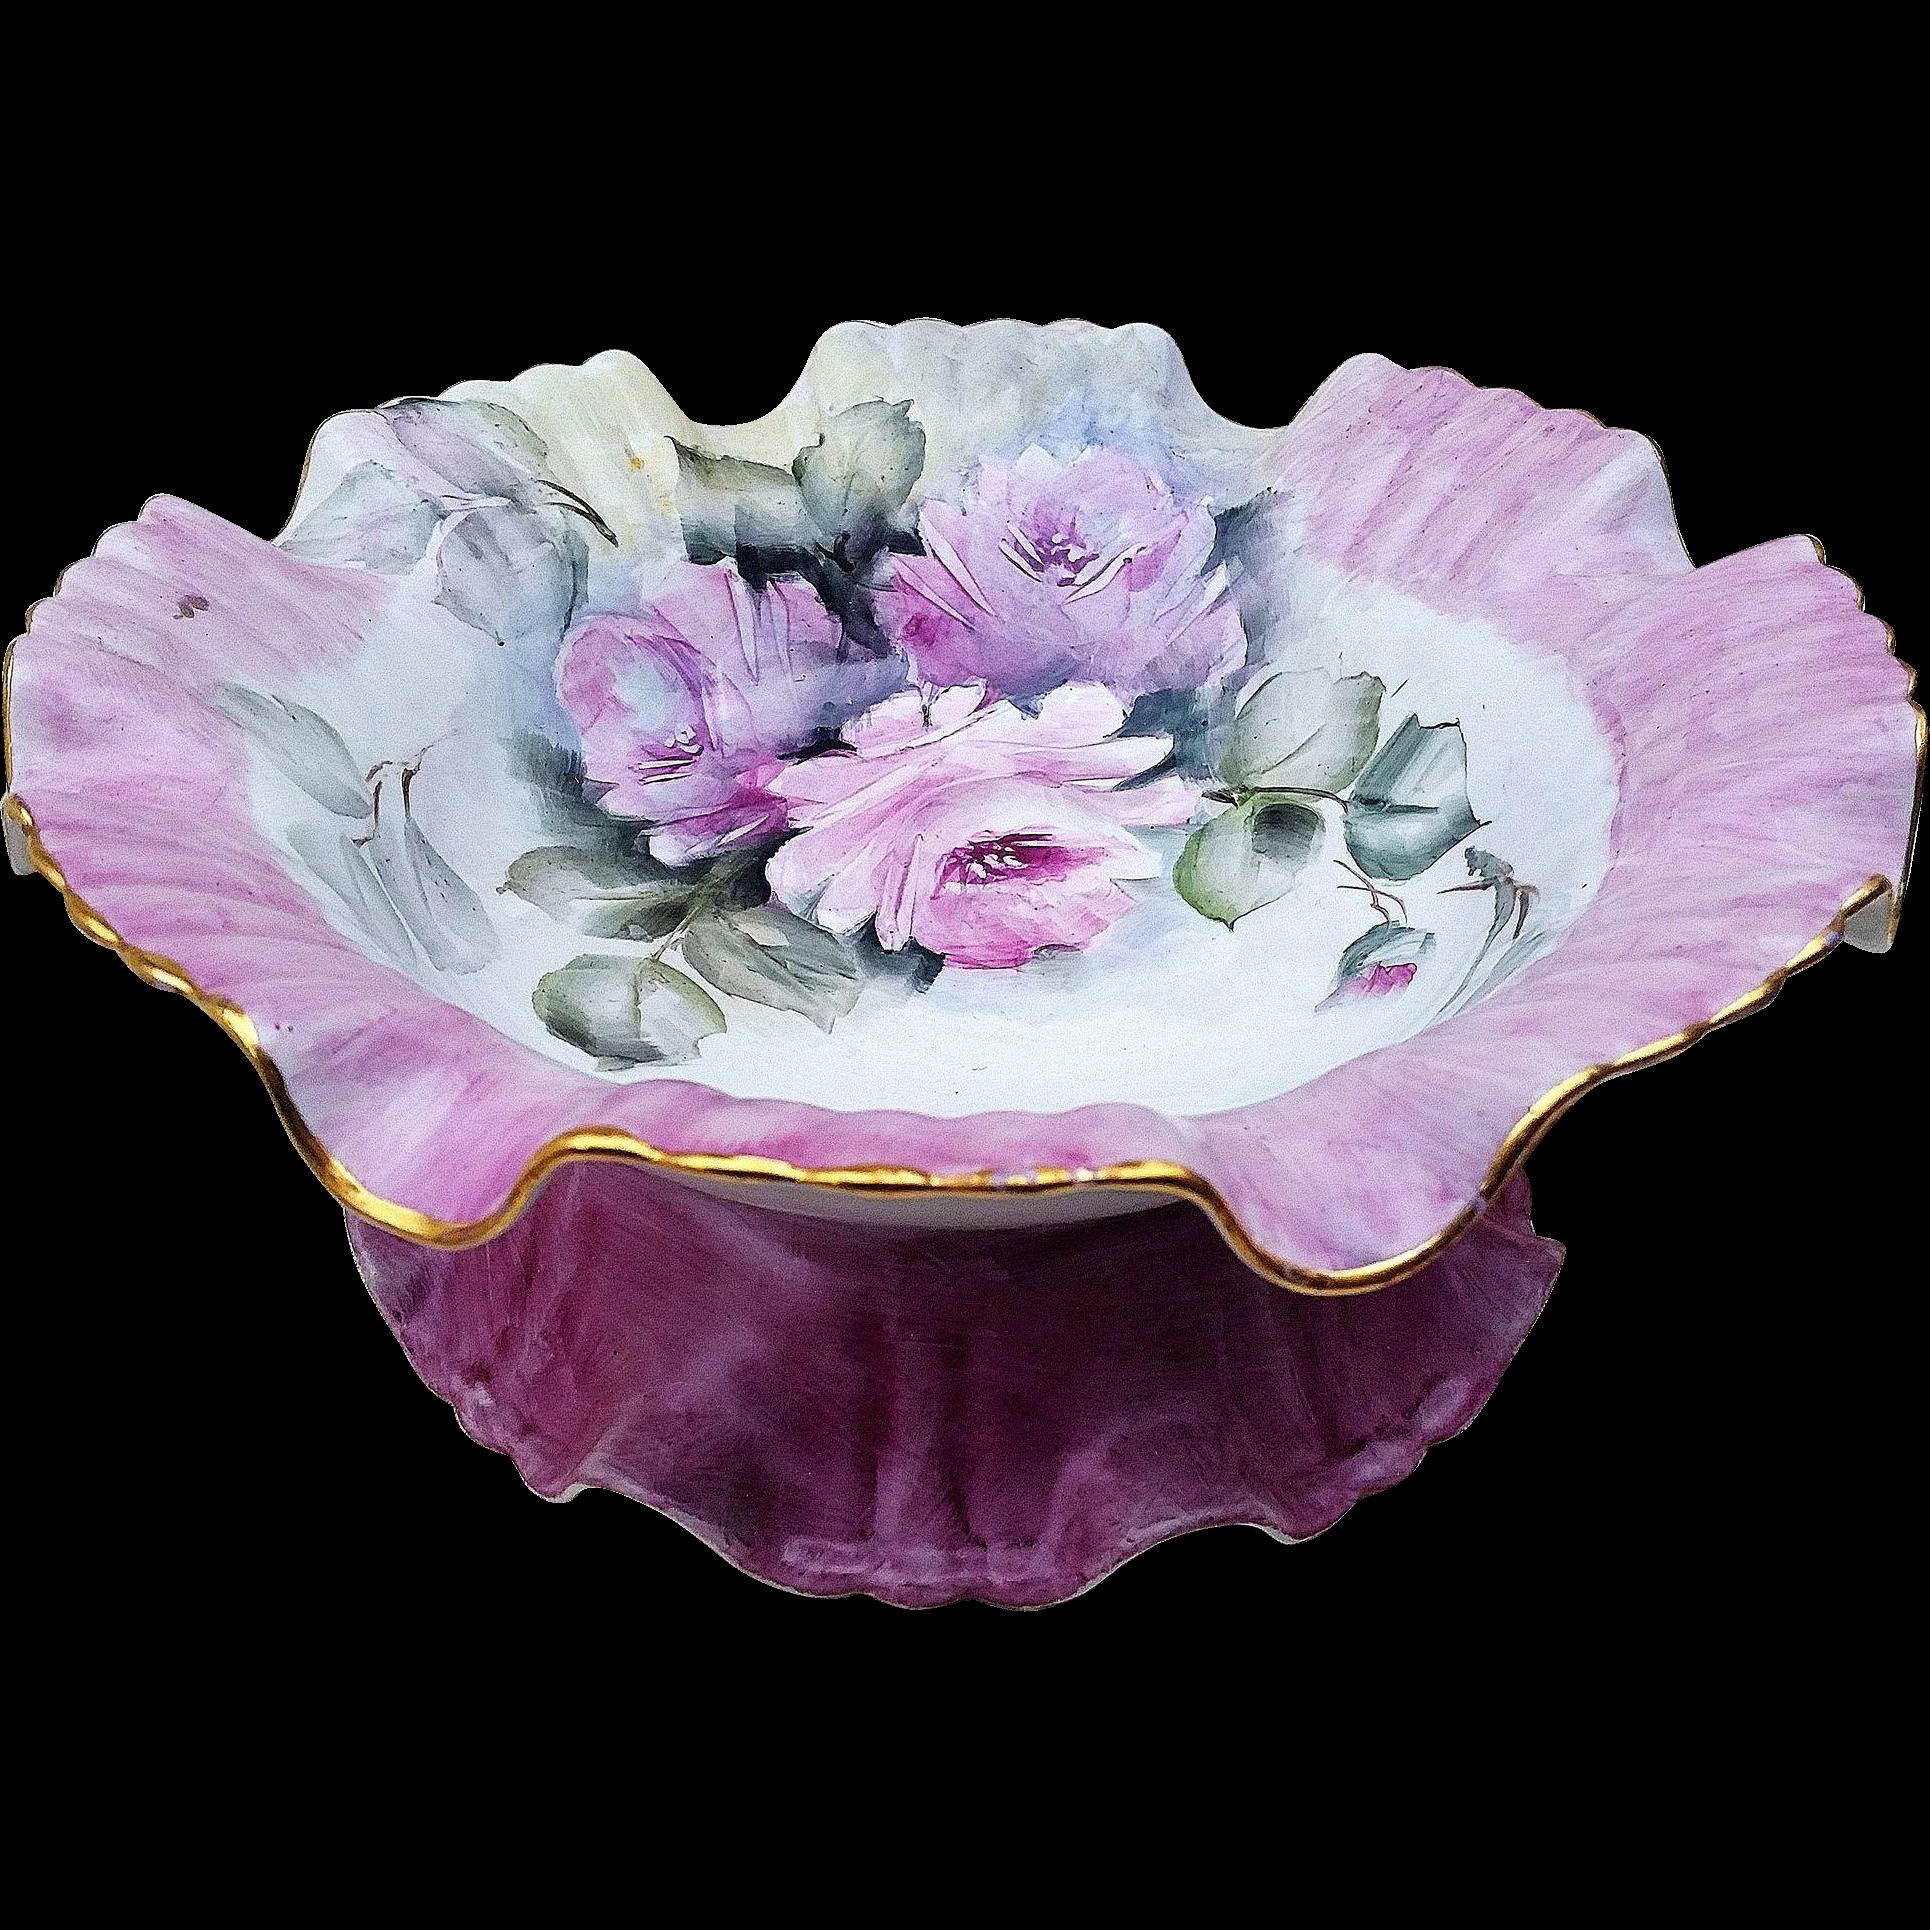 """50% OFF  Lavish Bavaria 1900's Hand Painted """"Pink Roses"""" 10-1/4"""" Pedestal Floral Bonbon Bowl by Artist, """"Karen Lemmon"""""""